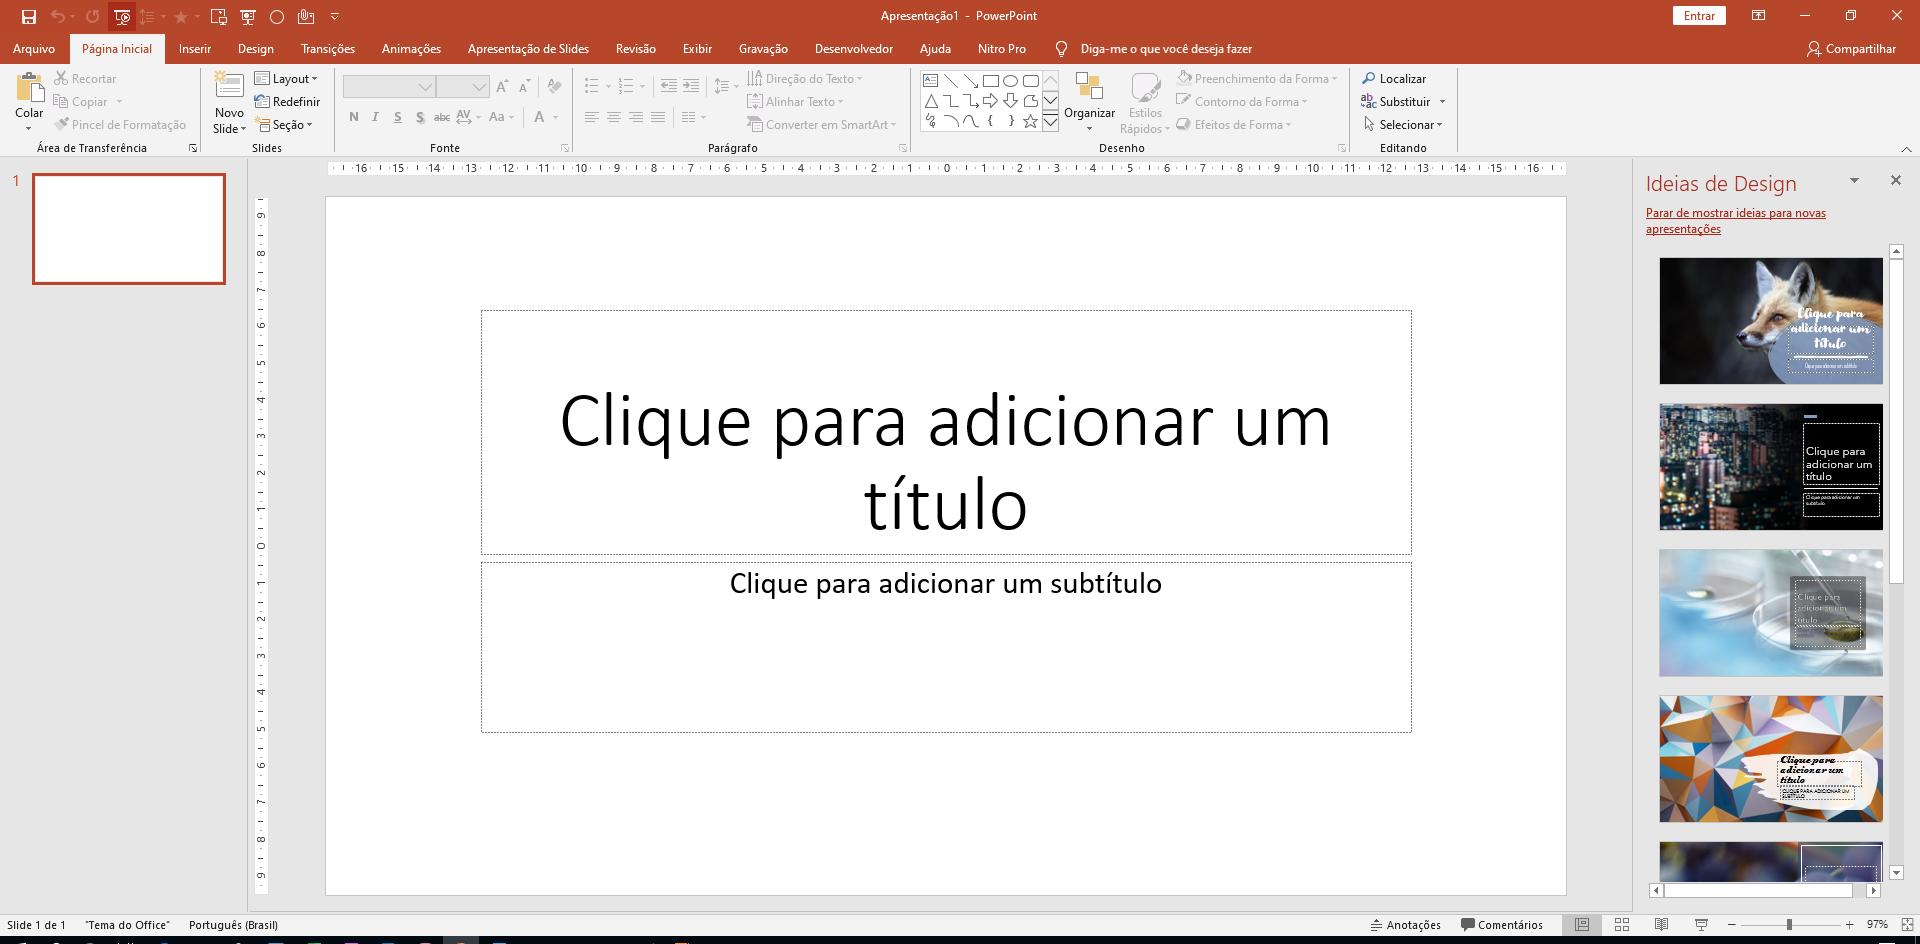 Figura 2 - Apresentação em Branco na área de trabalho do PowerPoint